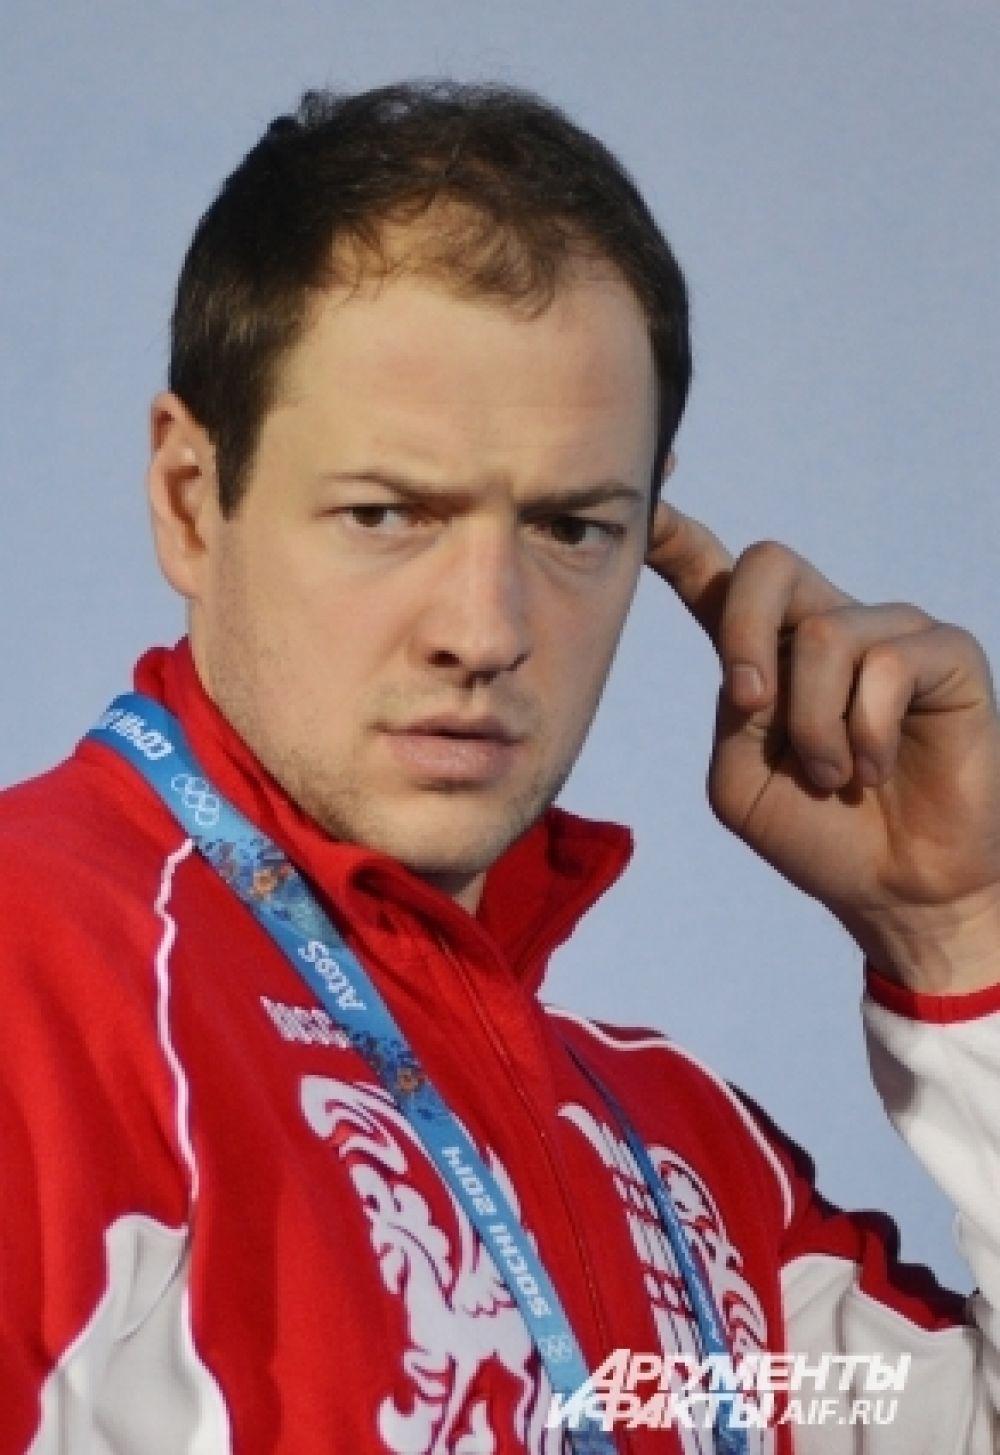 Алексей Емелин, защитник «Монреаль Канадиенс».